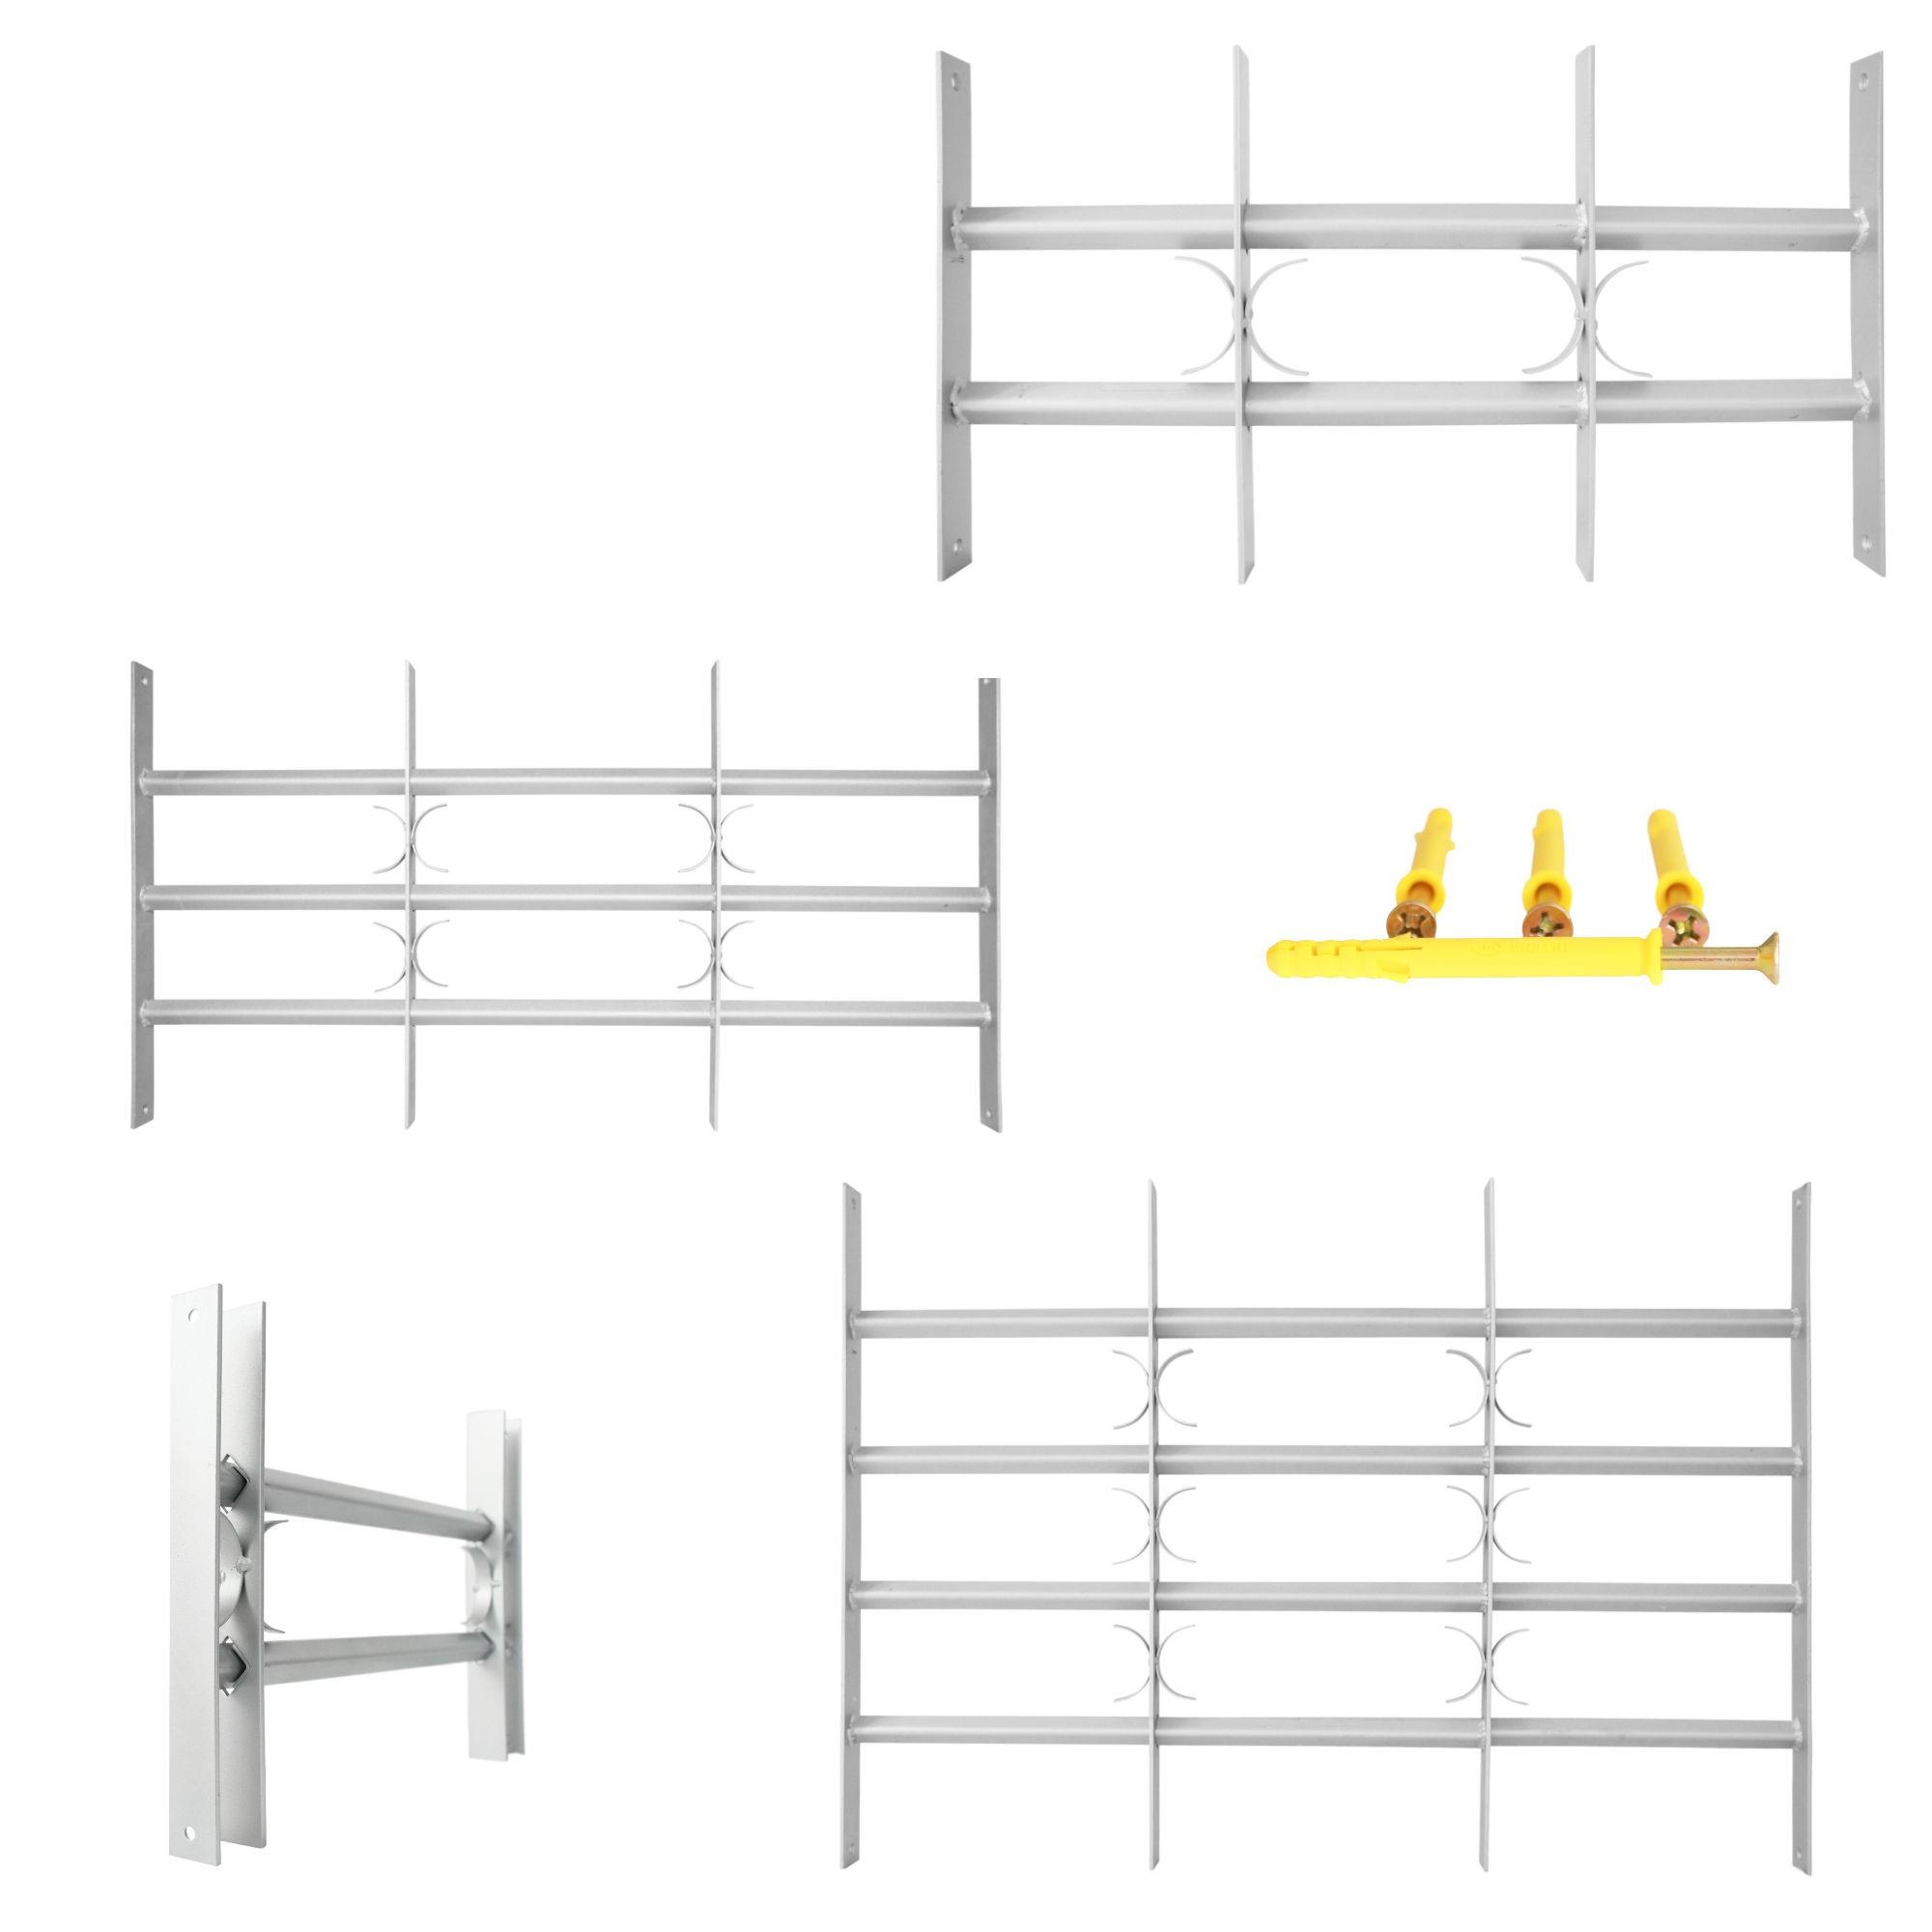 fenstergitter einbruchschutz verstellbar ausziehbar. Black Bedroom Furniture Sets. Home Design Ideas